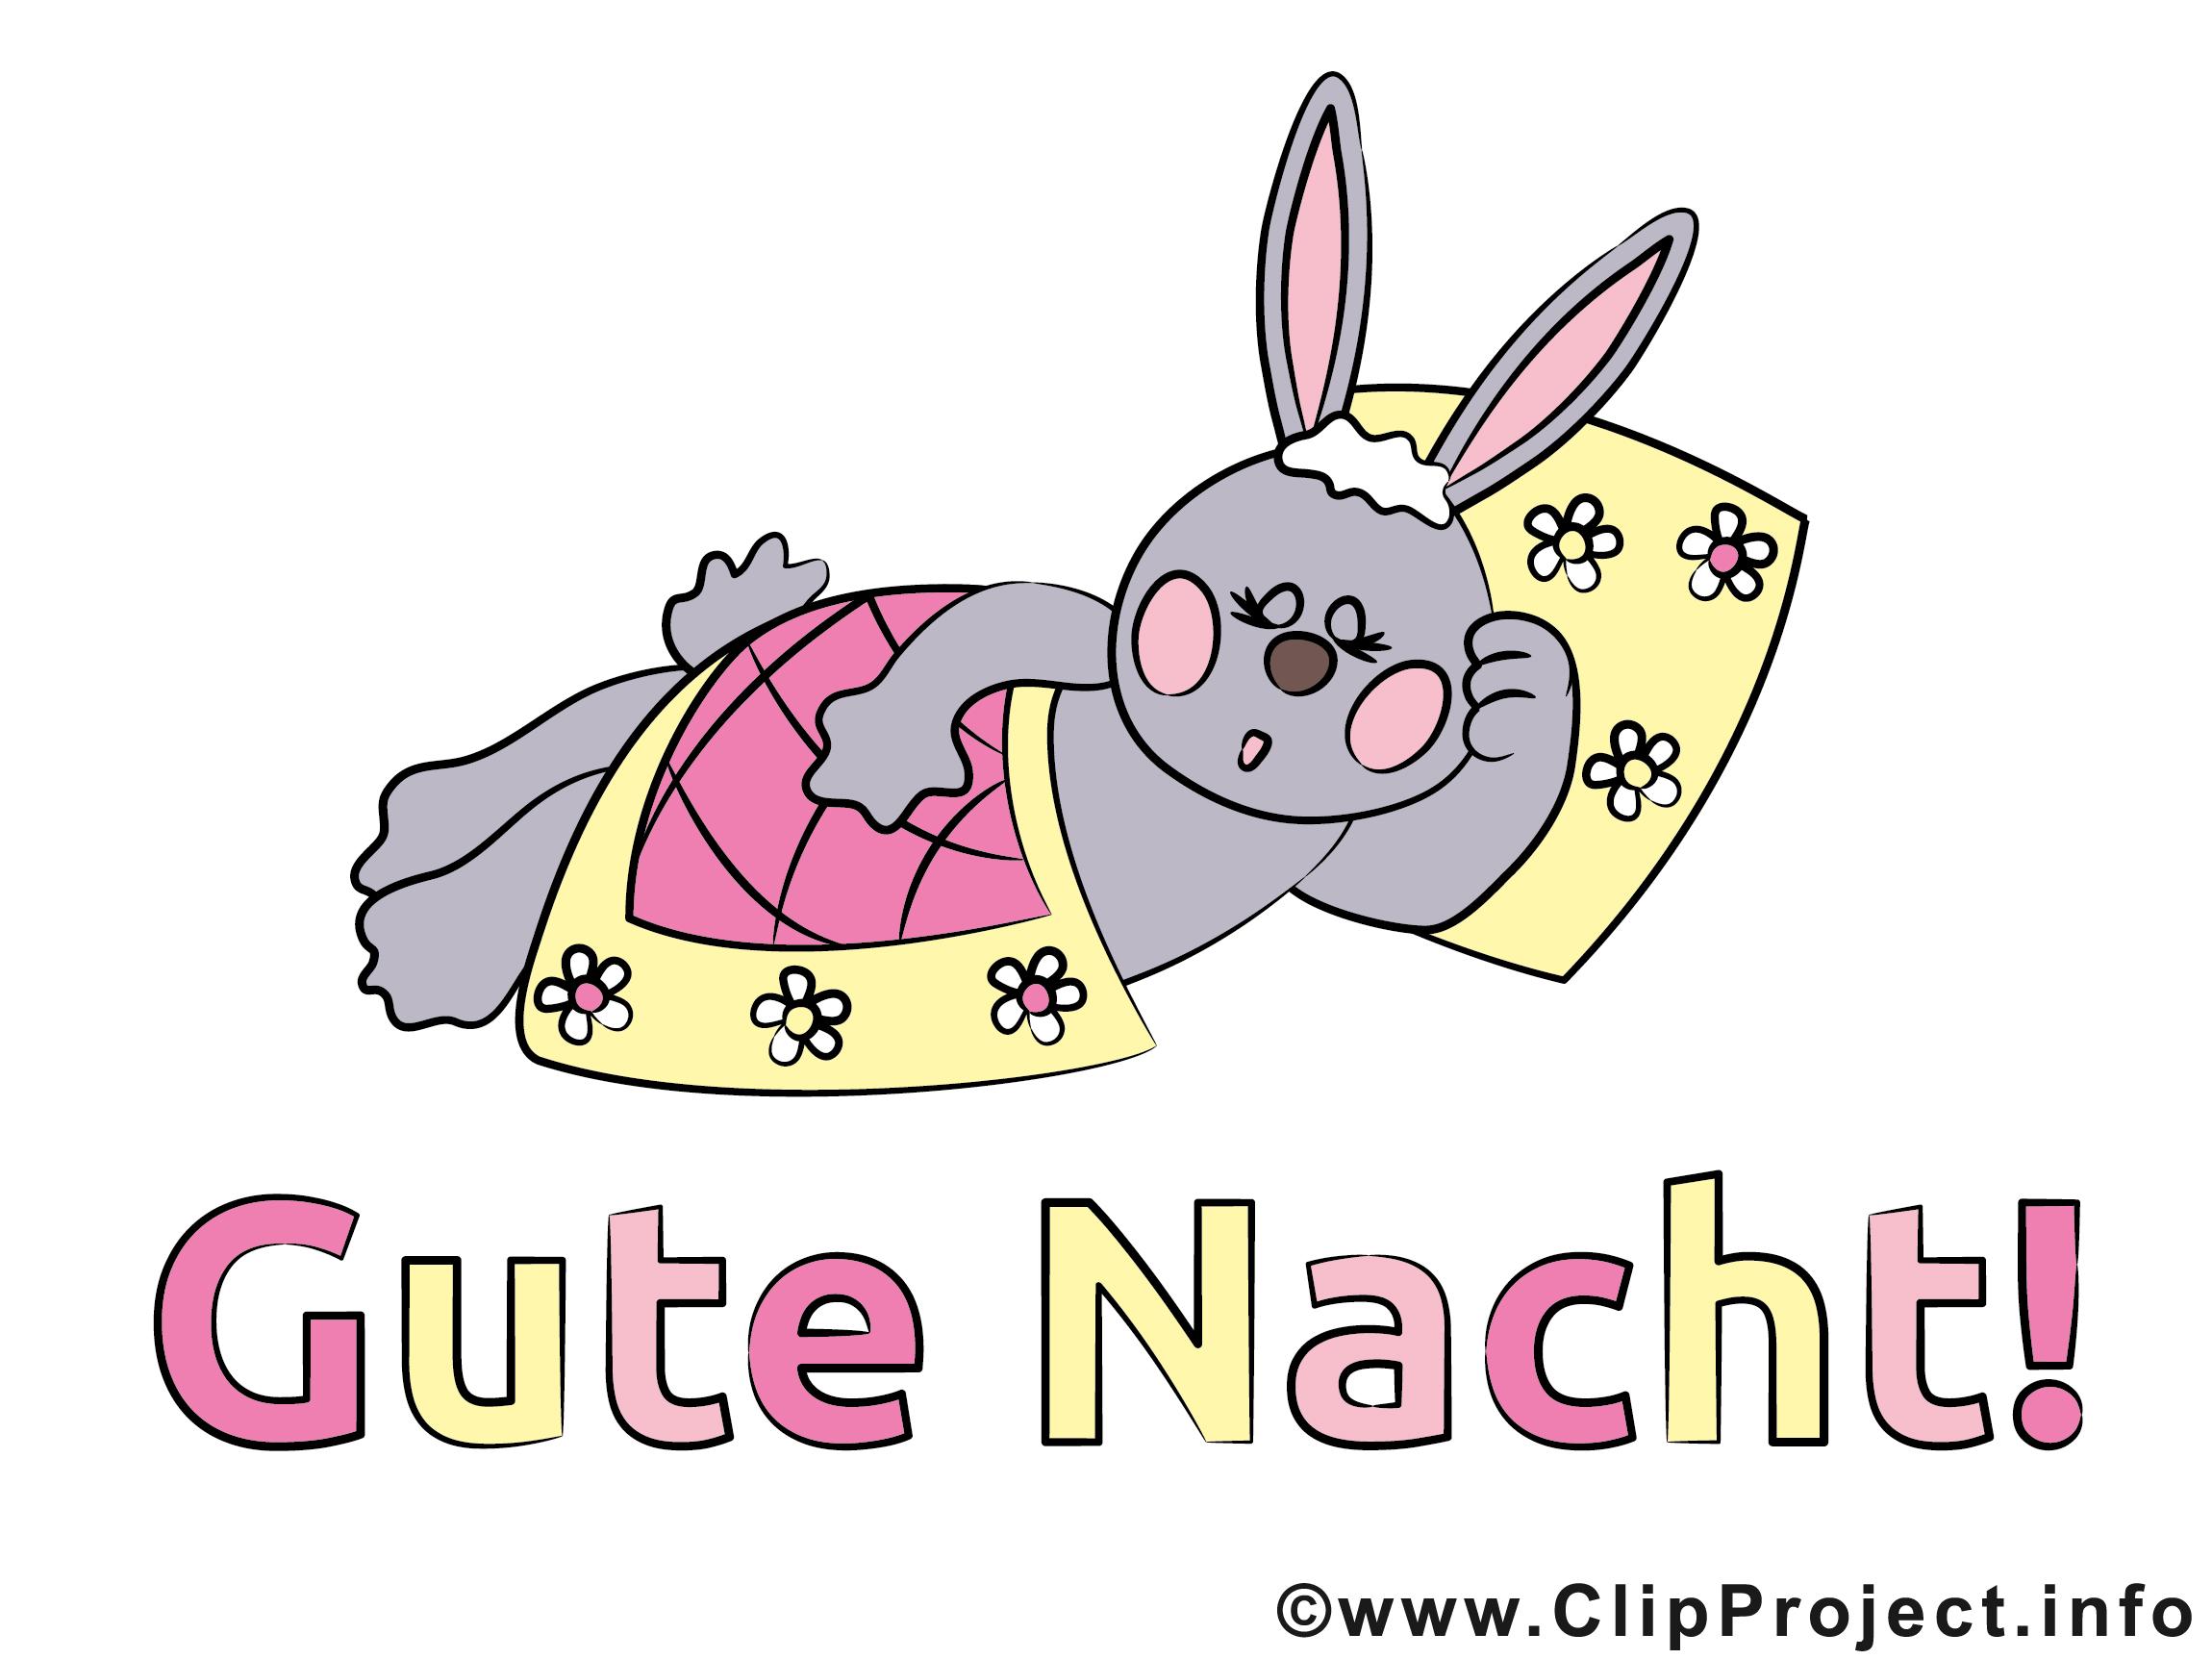 Clipart gute nacht jpg library Gute Nacht Bilder, Cliparts, Cartoons, Grafiken, Illustrationen ... jpg library